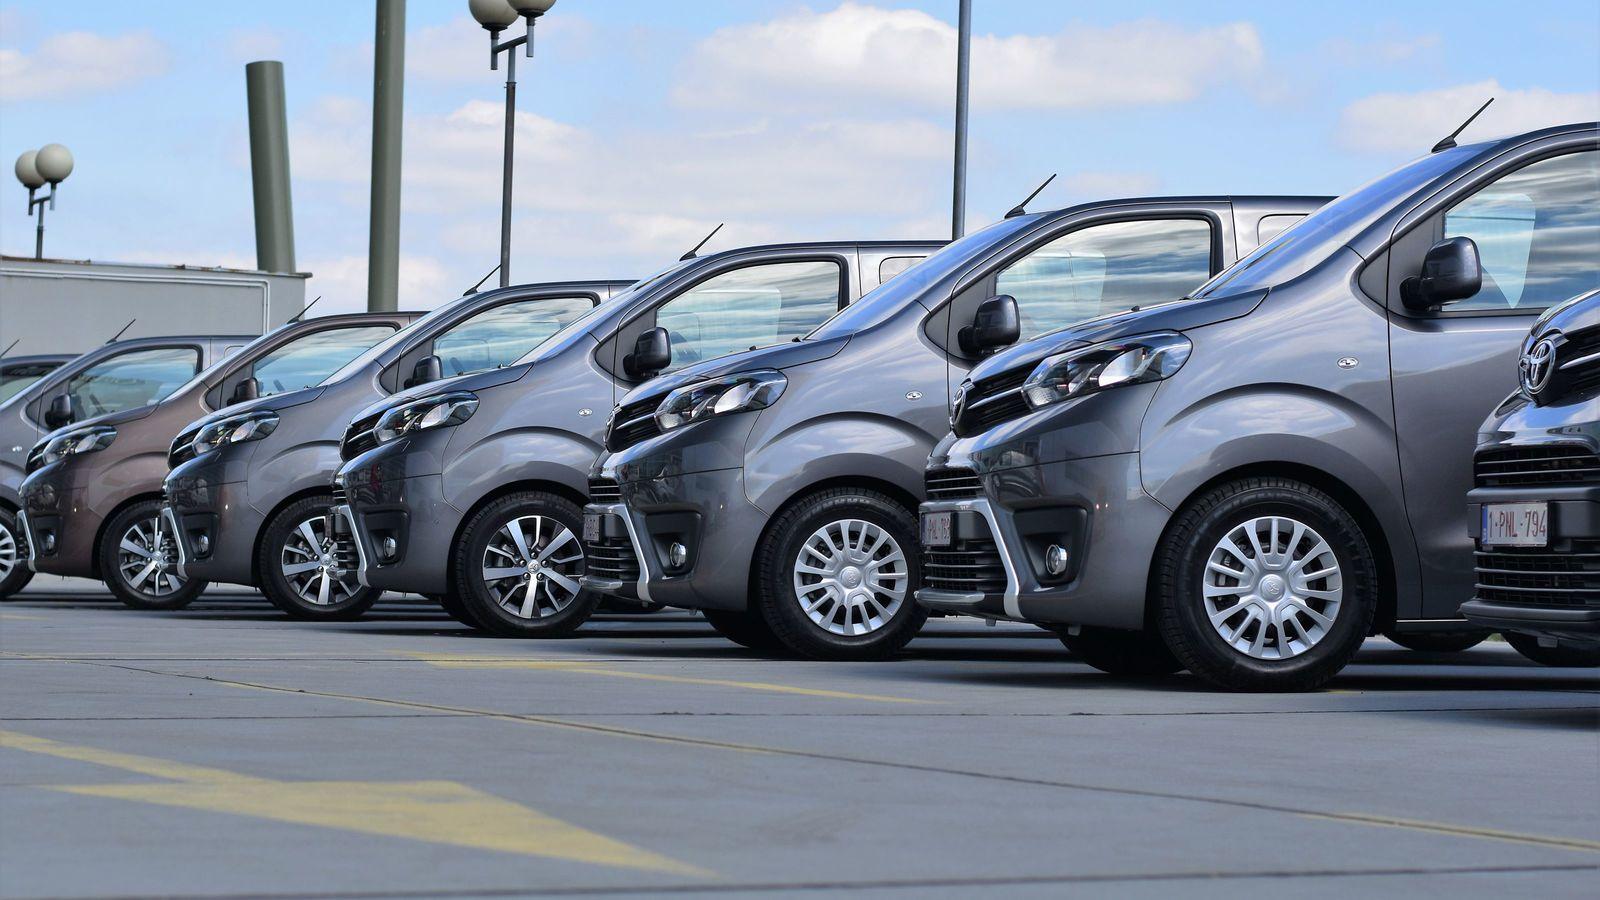 カーシェアの駐車場が出し入れしにくいワケ vsレンタカー料金・利便性徹底比較